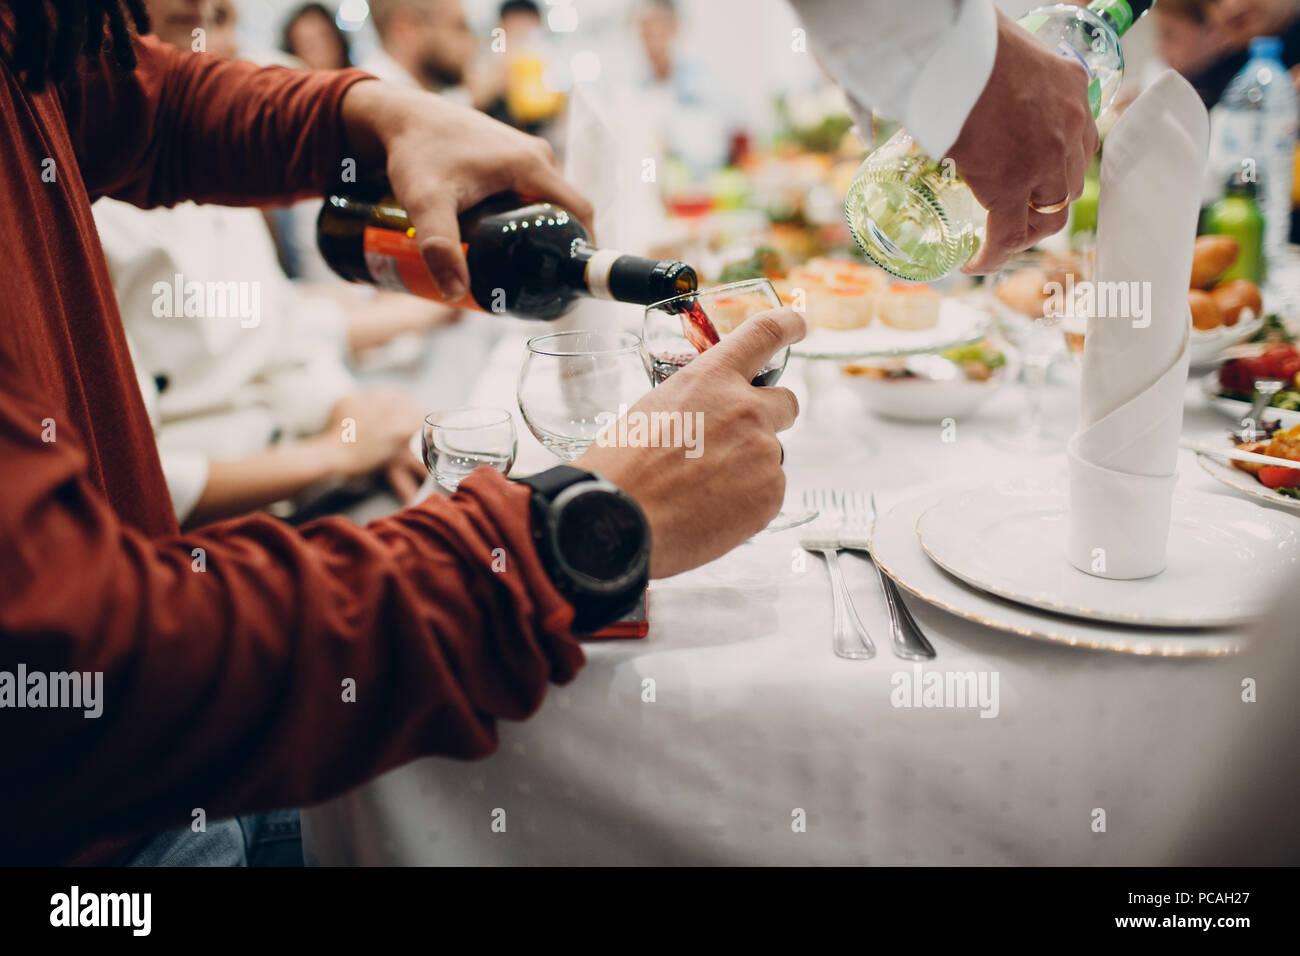 Un homme se verse dans un verre de vin rouge Banque D'Images